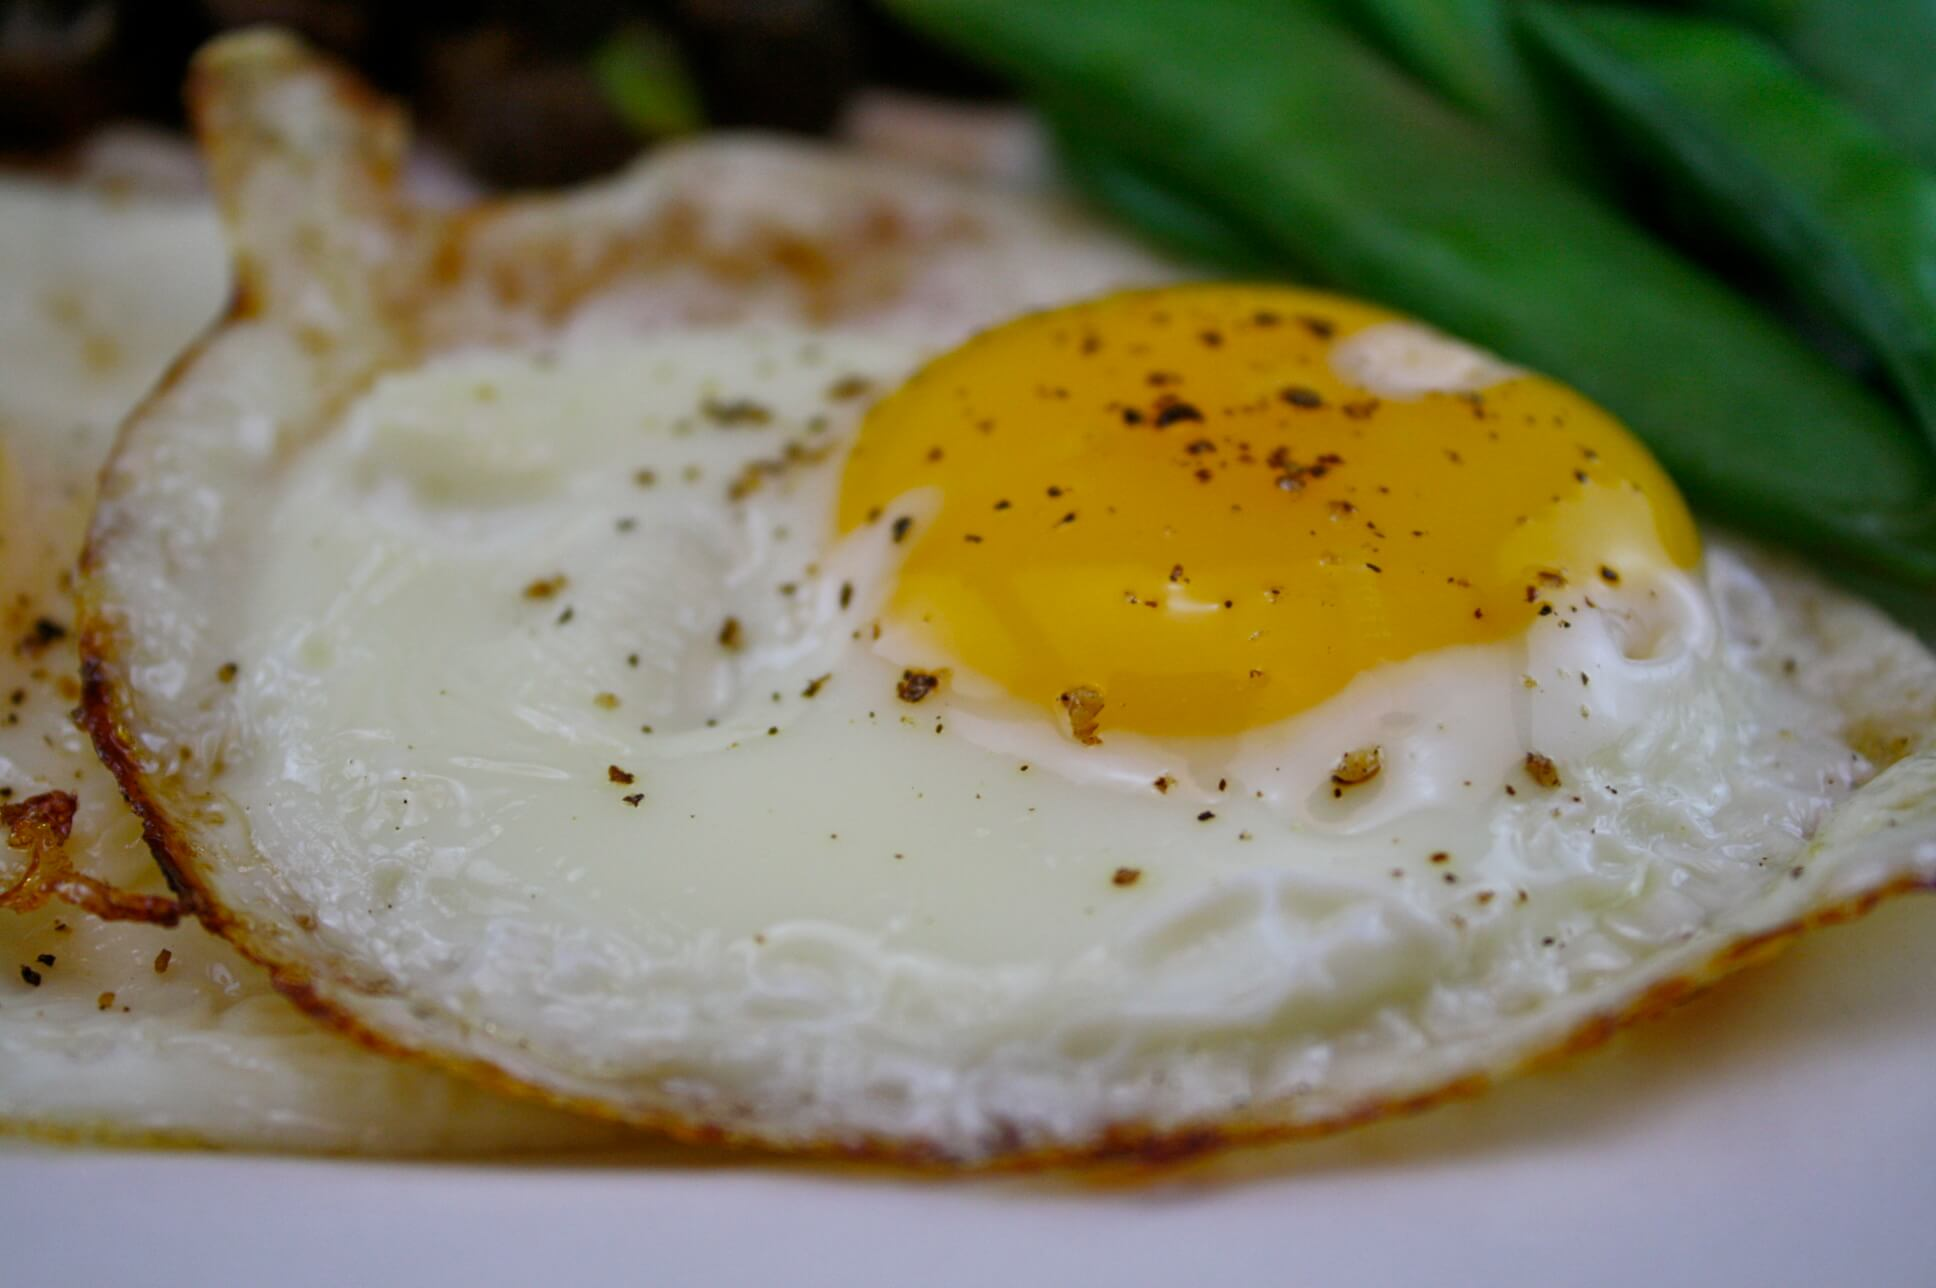 Como fazer ovo frito sem leo usando apenas gua - Calorias boquerones en vinagre ...